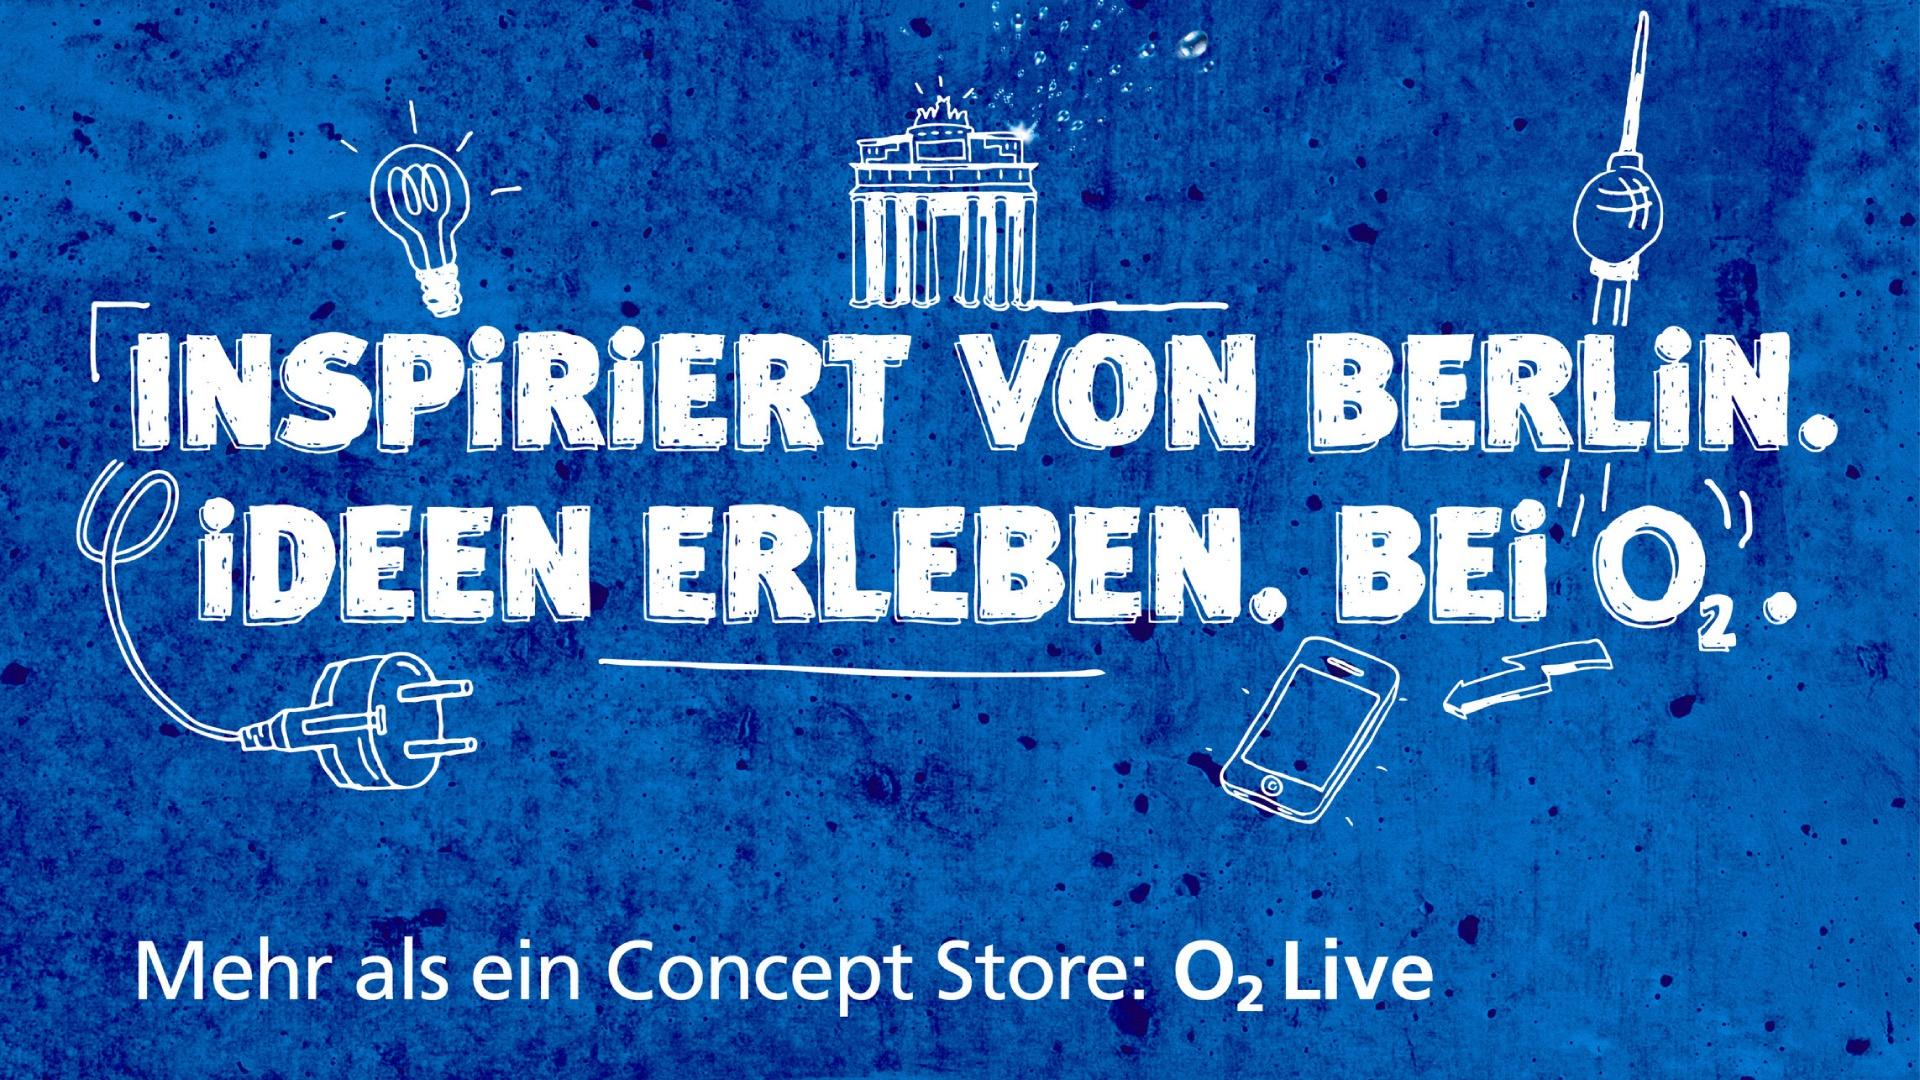 Event Eröffnung o2 Live Concept Store